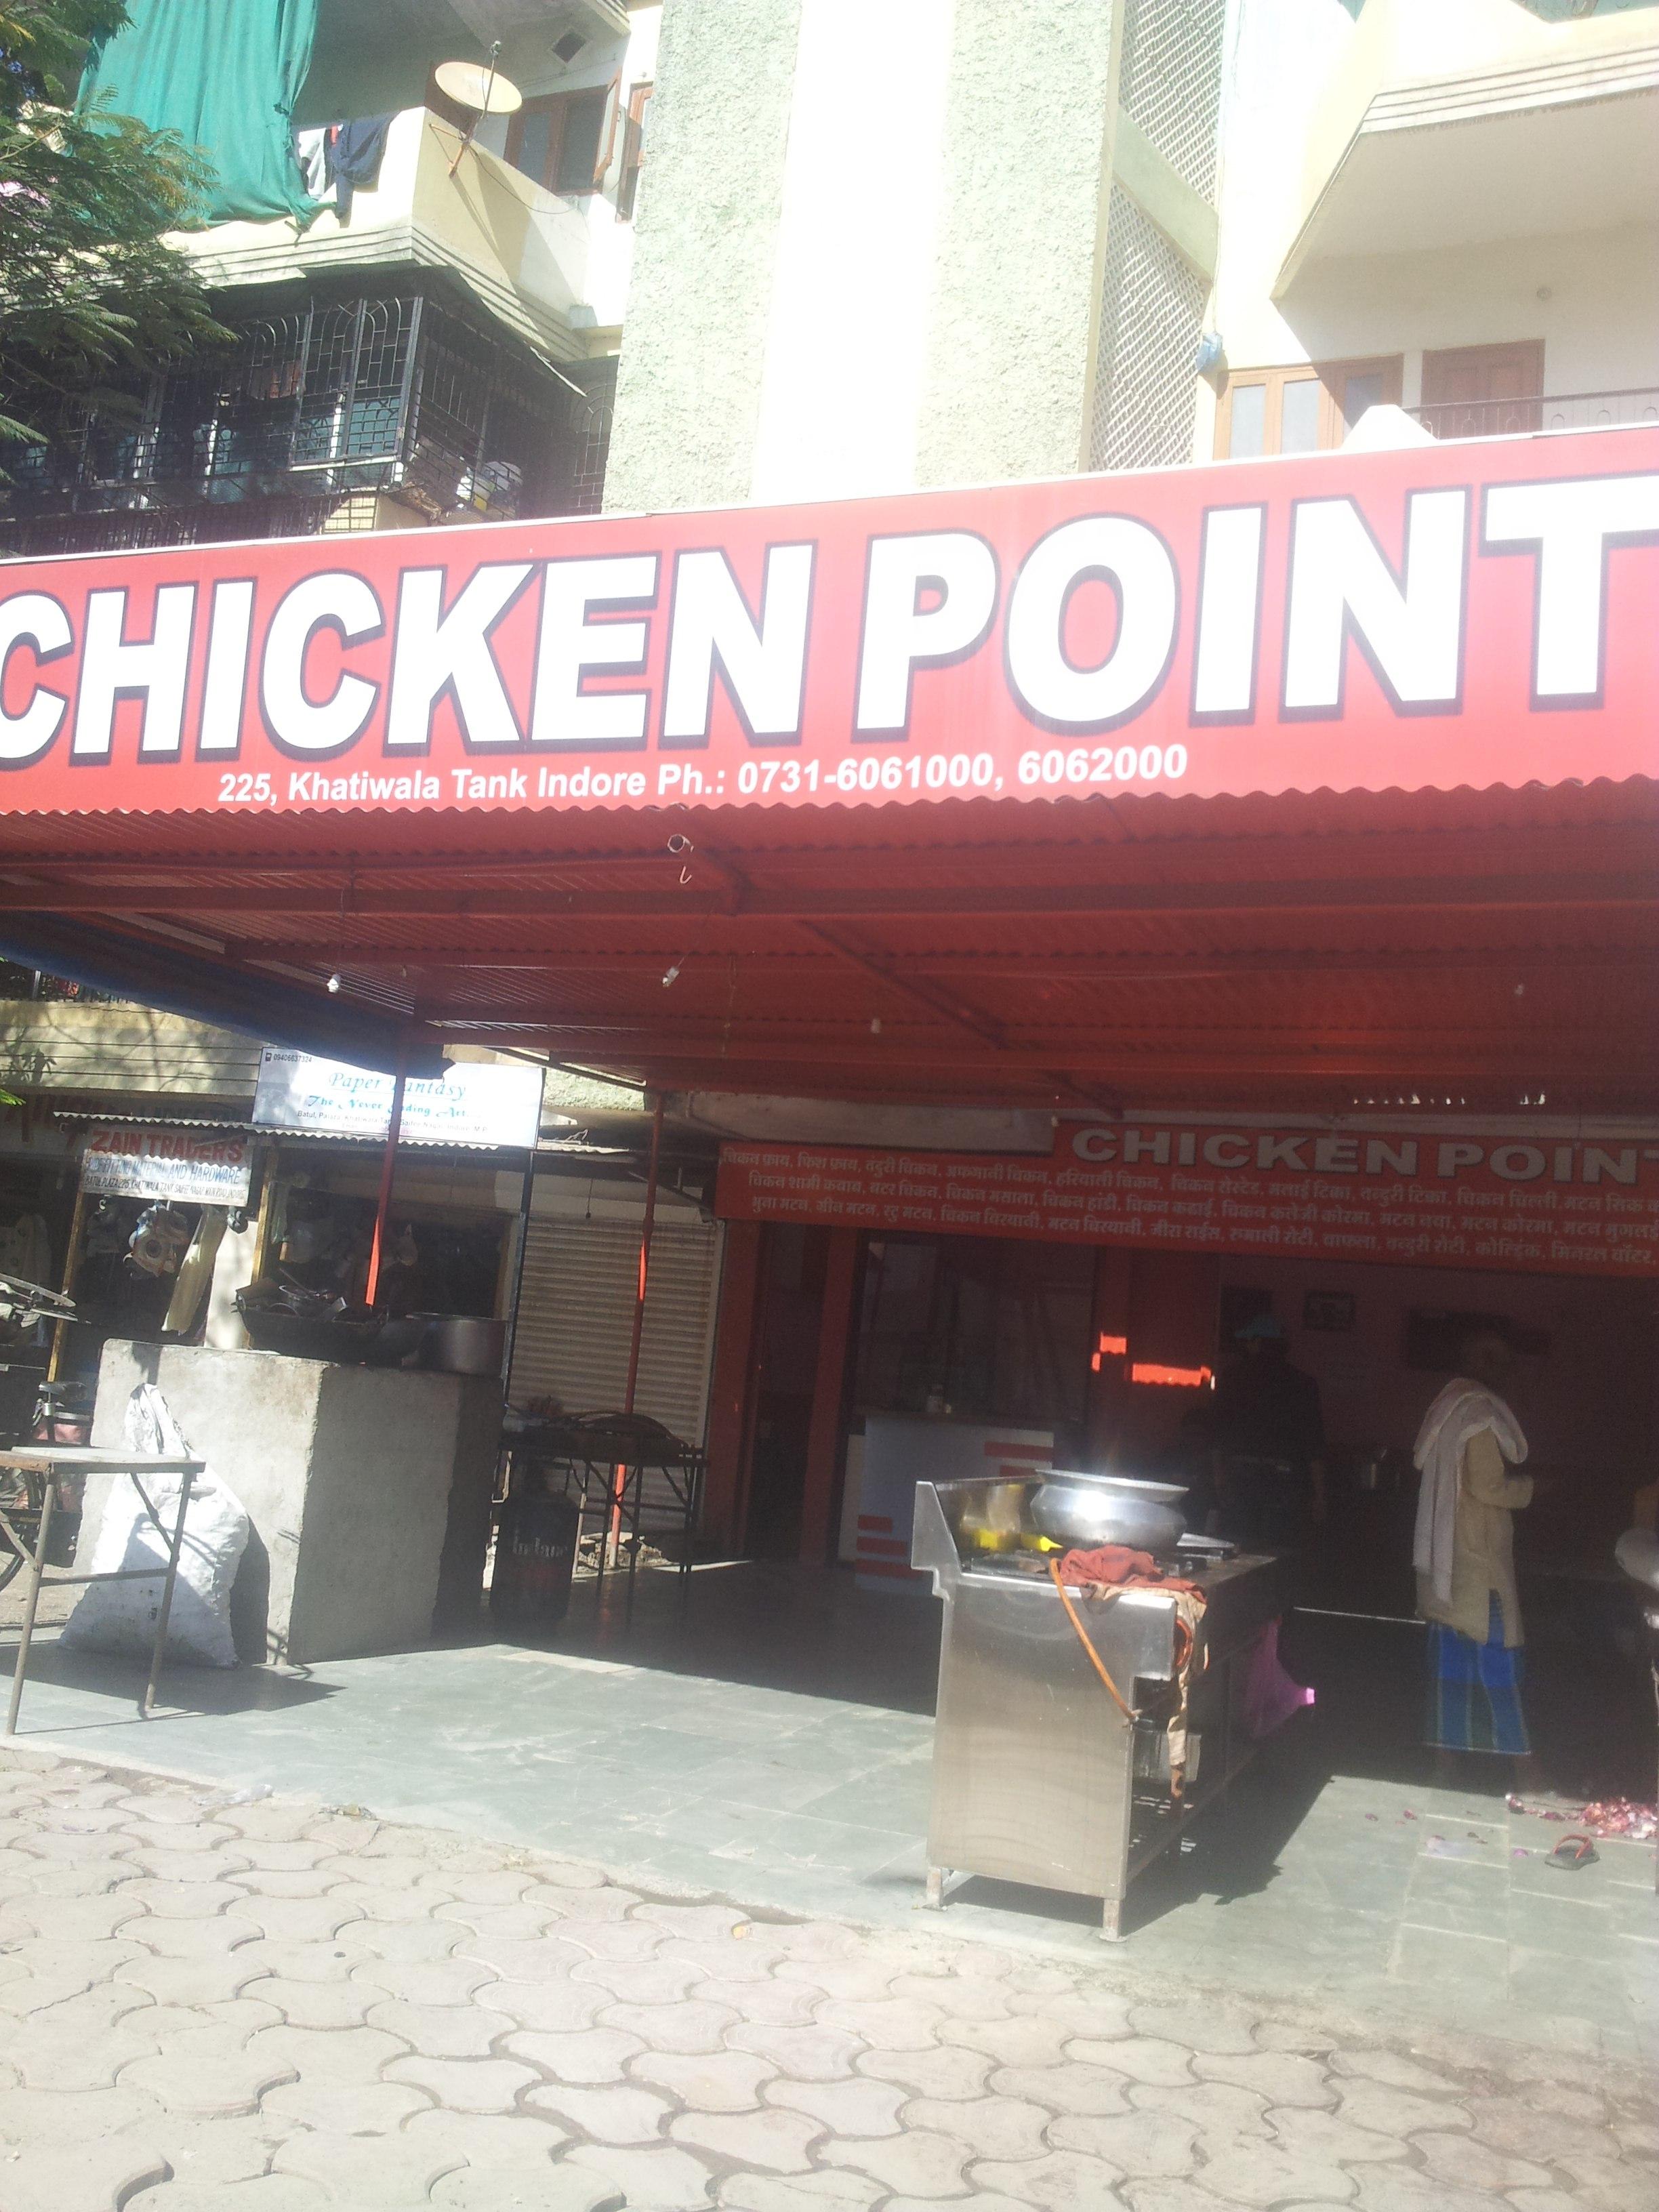 Chicken Point - Sapna Sangeeta - Indore Image